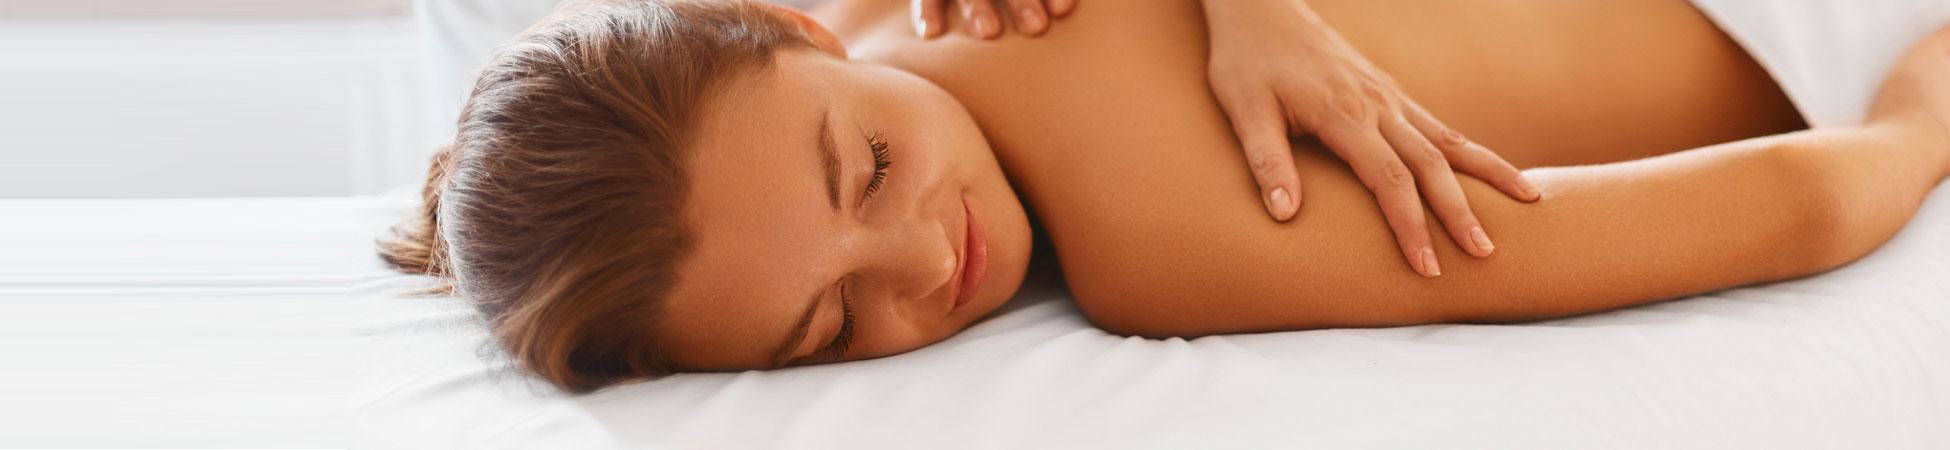 Bodygard-Treatments